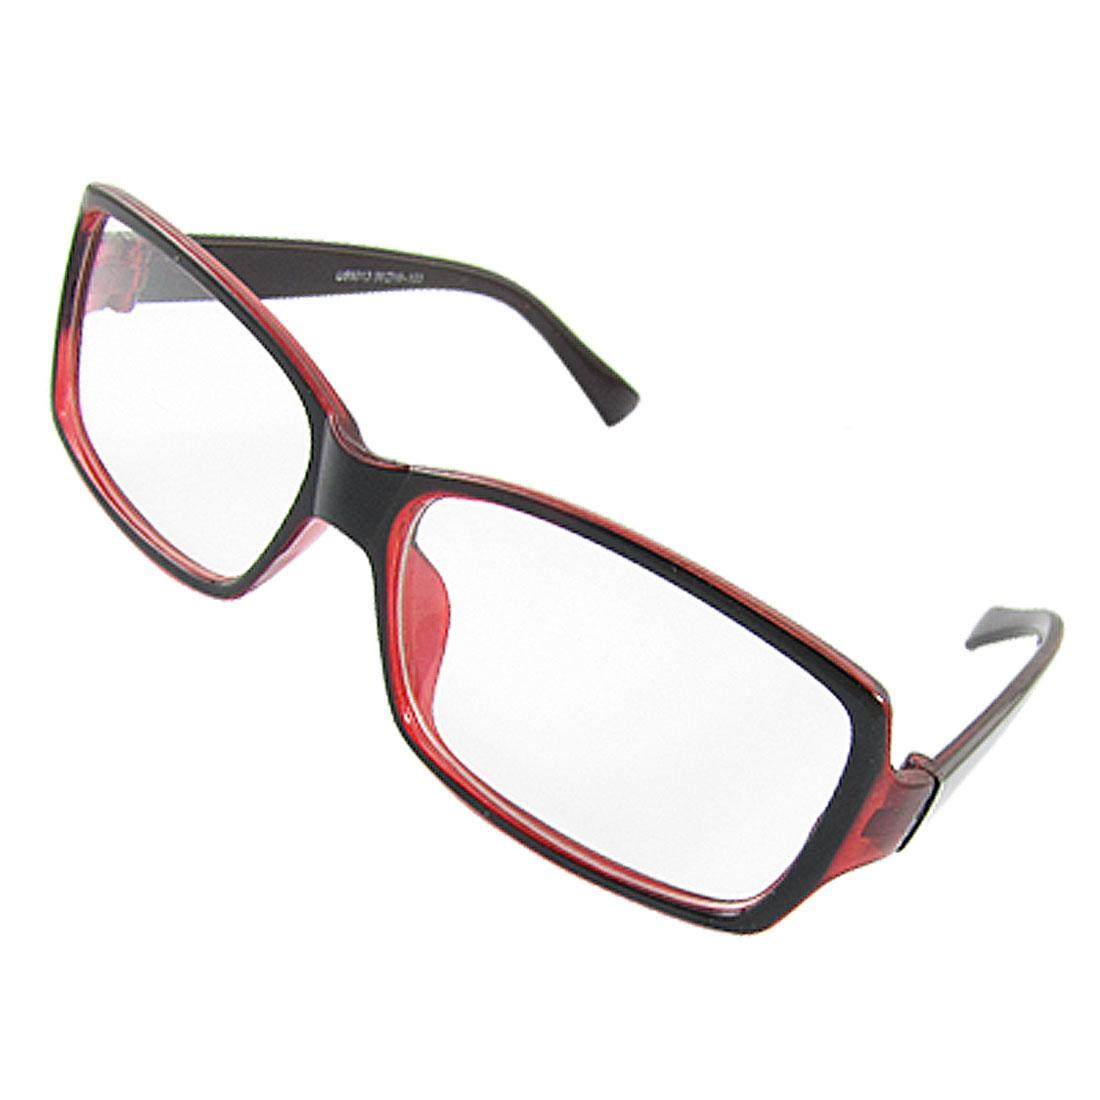 Black Red Plastic Plano Lens Plain Eyeglasses for Unisex